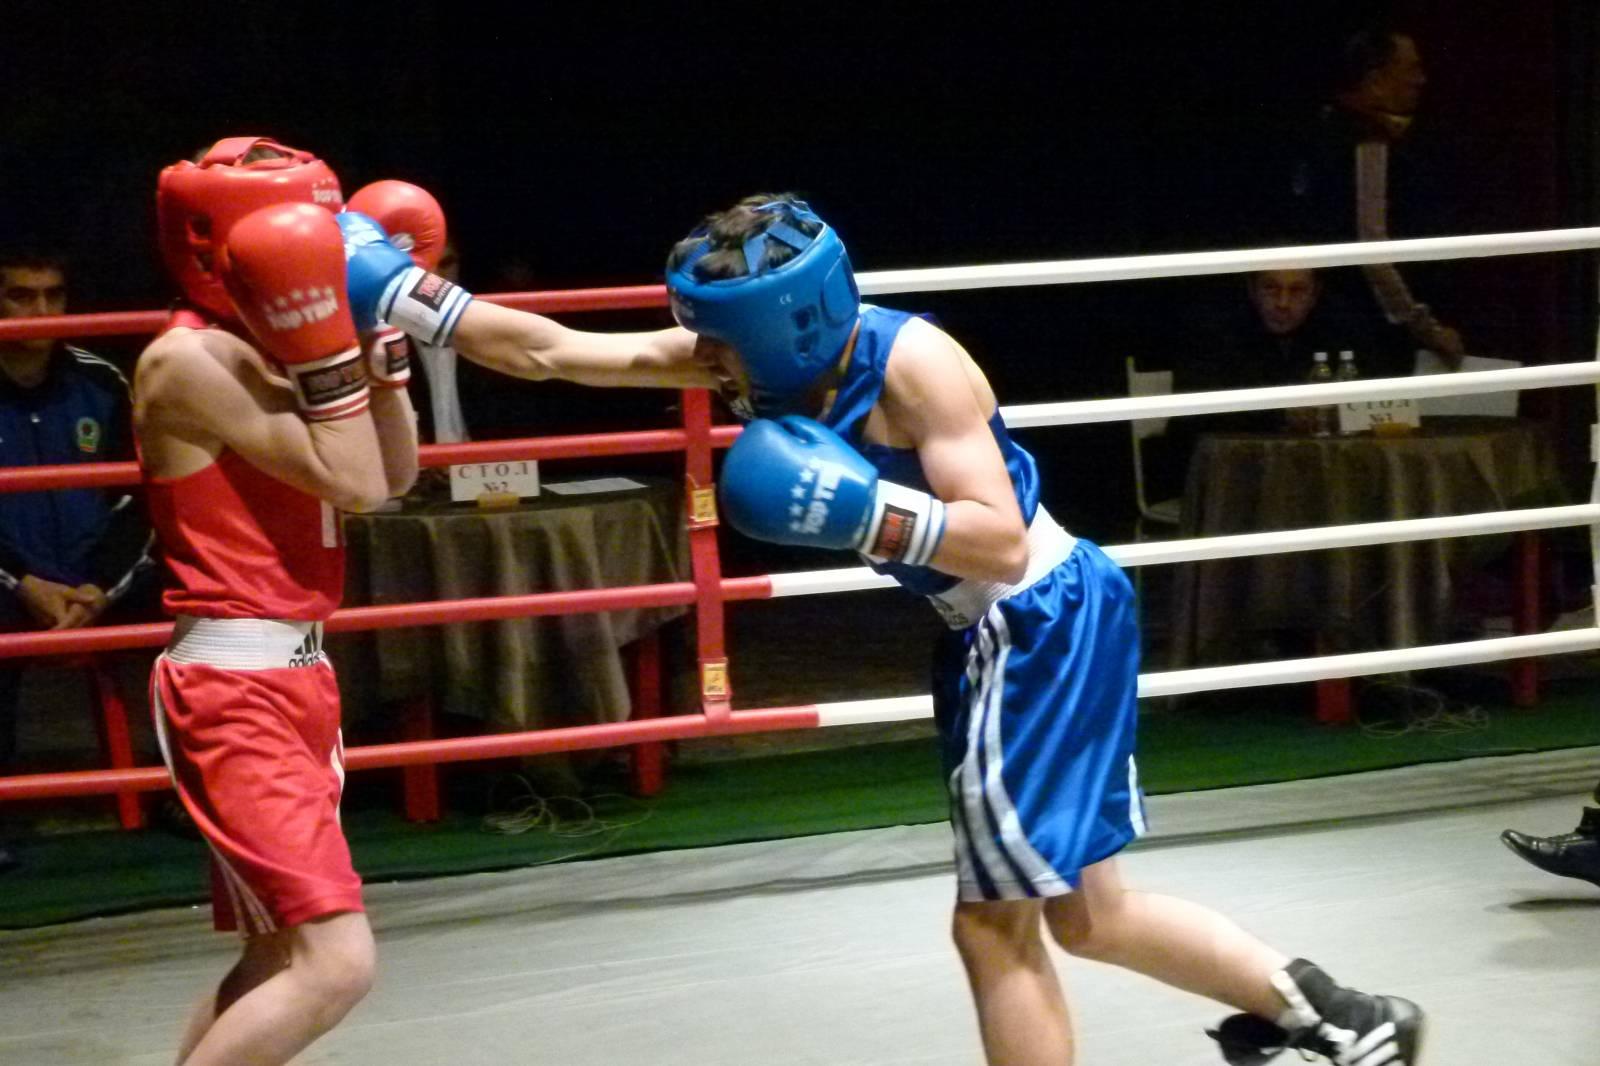 Вологжанин стал призером Первенства России по боксу